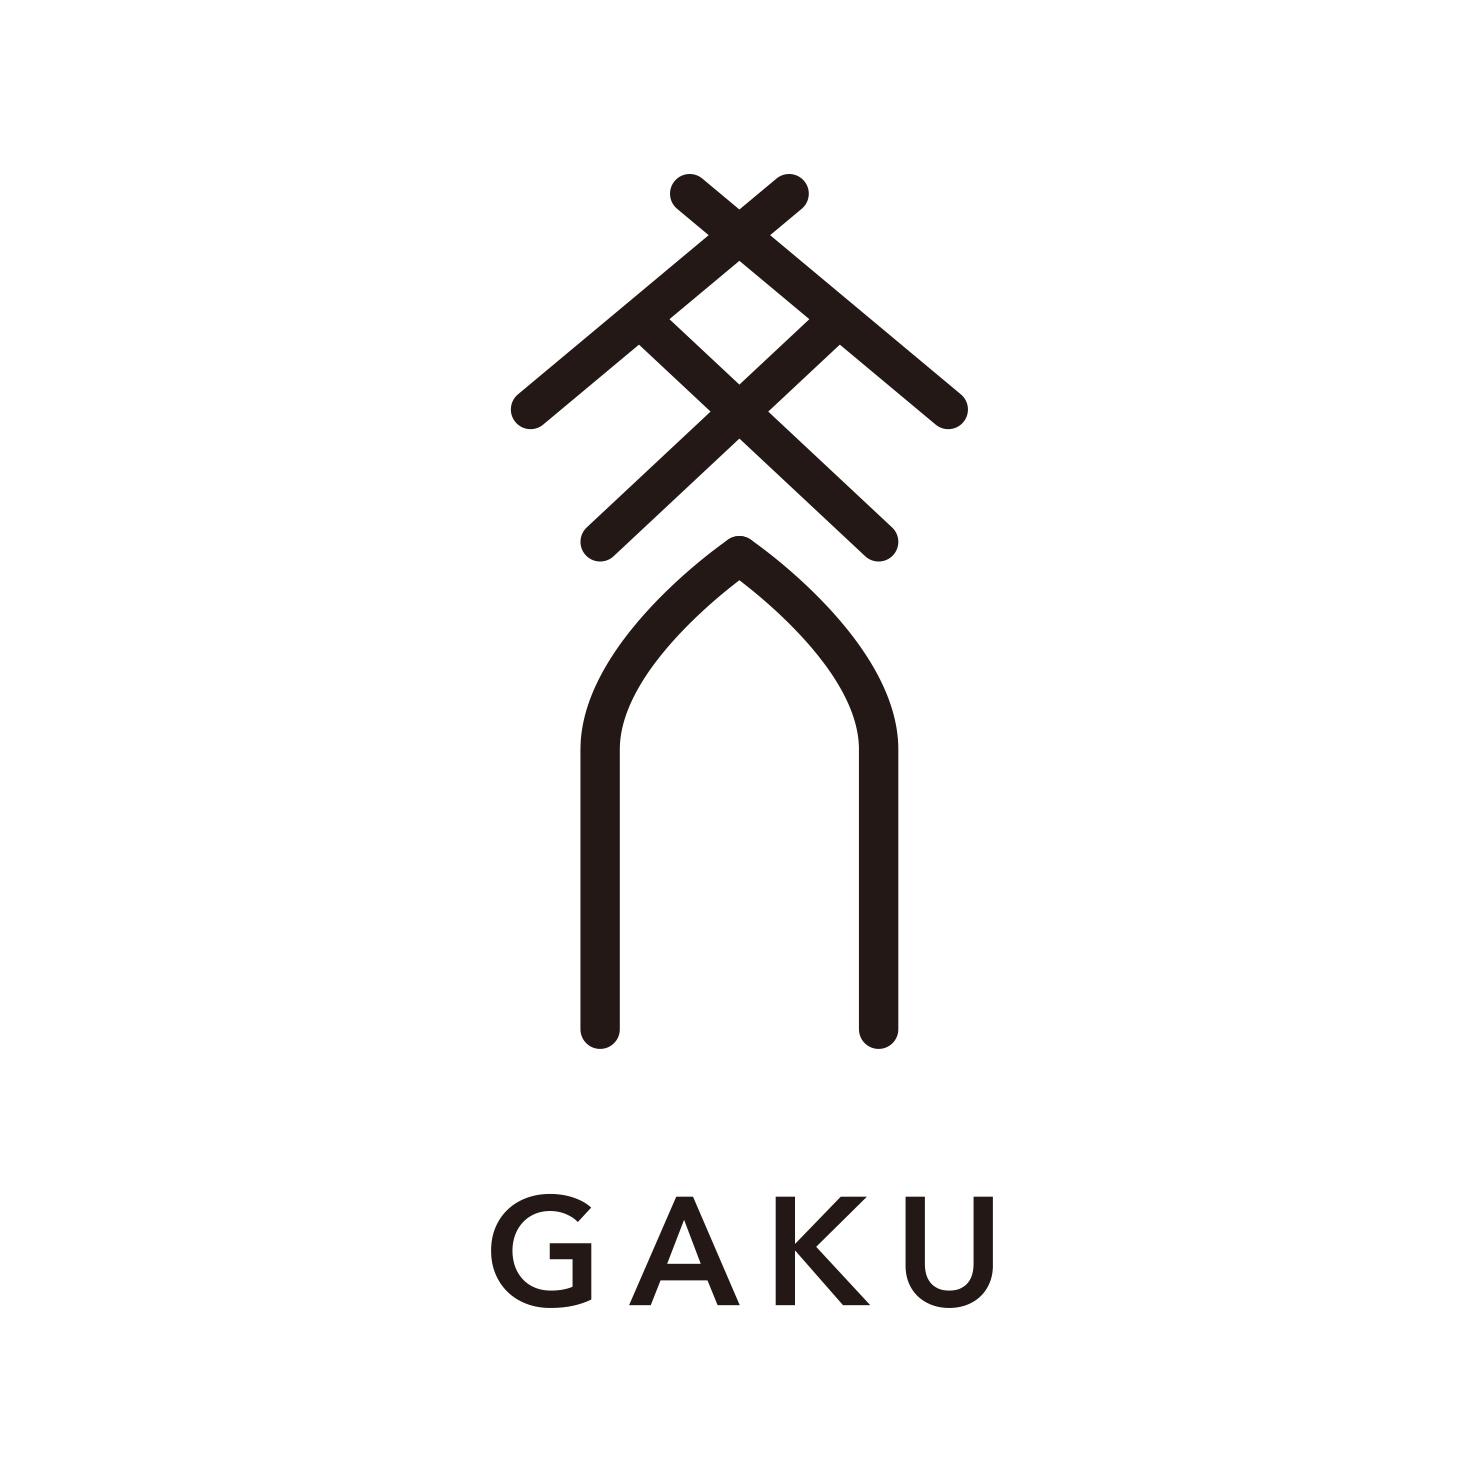 新たなクリエイティヴの学び舎『GAKU』